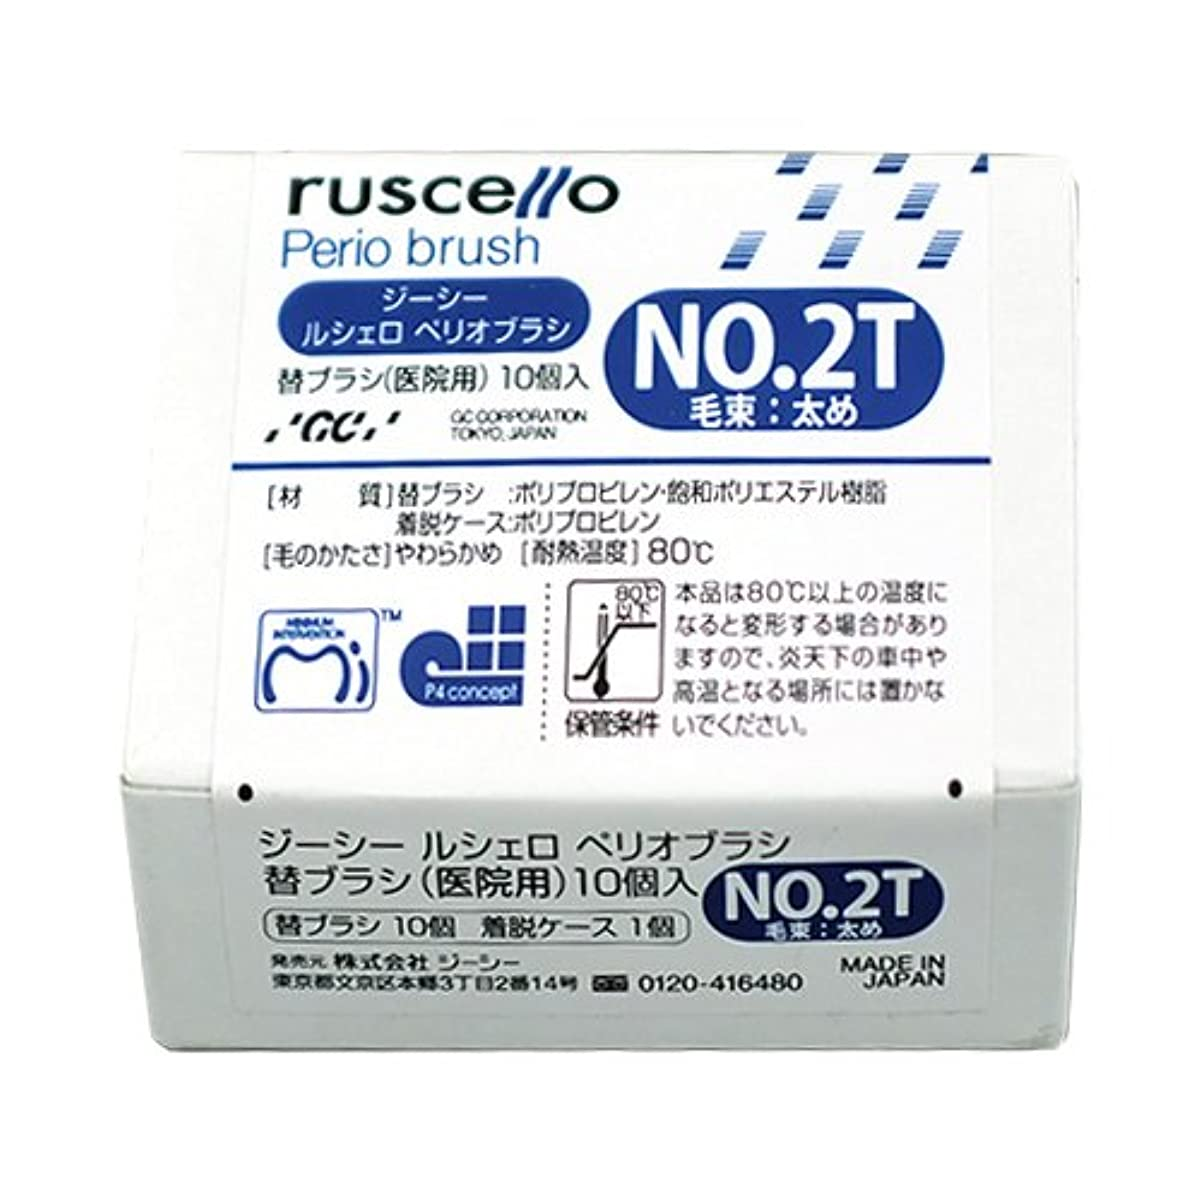 複合オリエンテーション対処するジーシー(GC) ルシェロ ペリオブラシ 替ブラシ NO.2T(10個入)